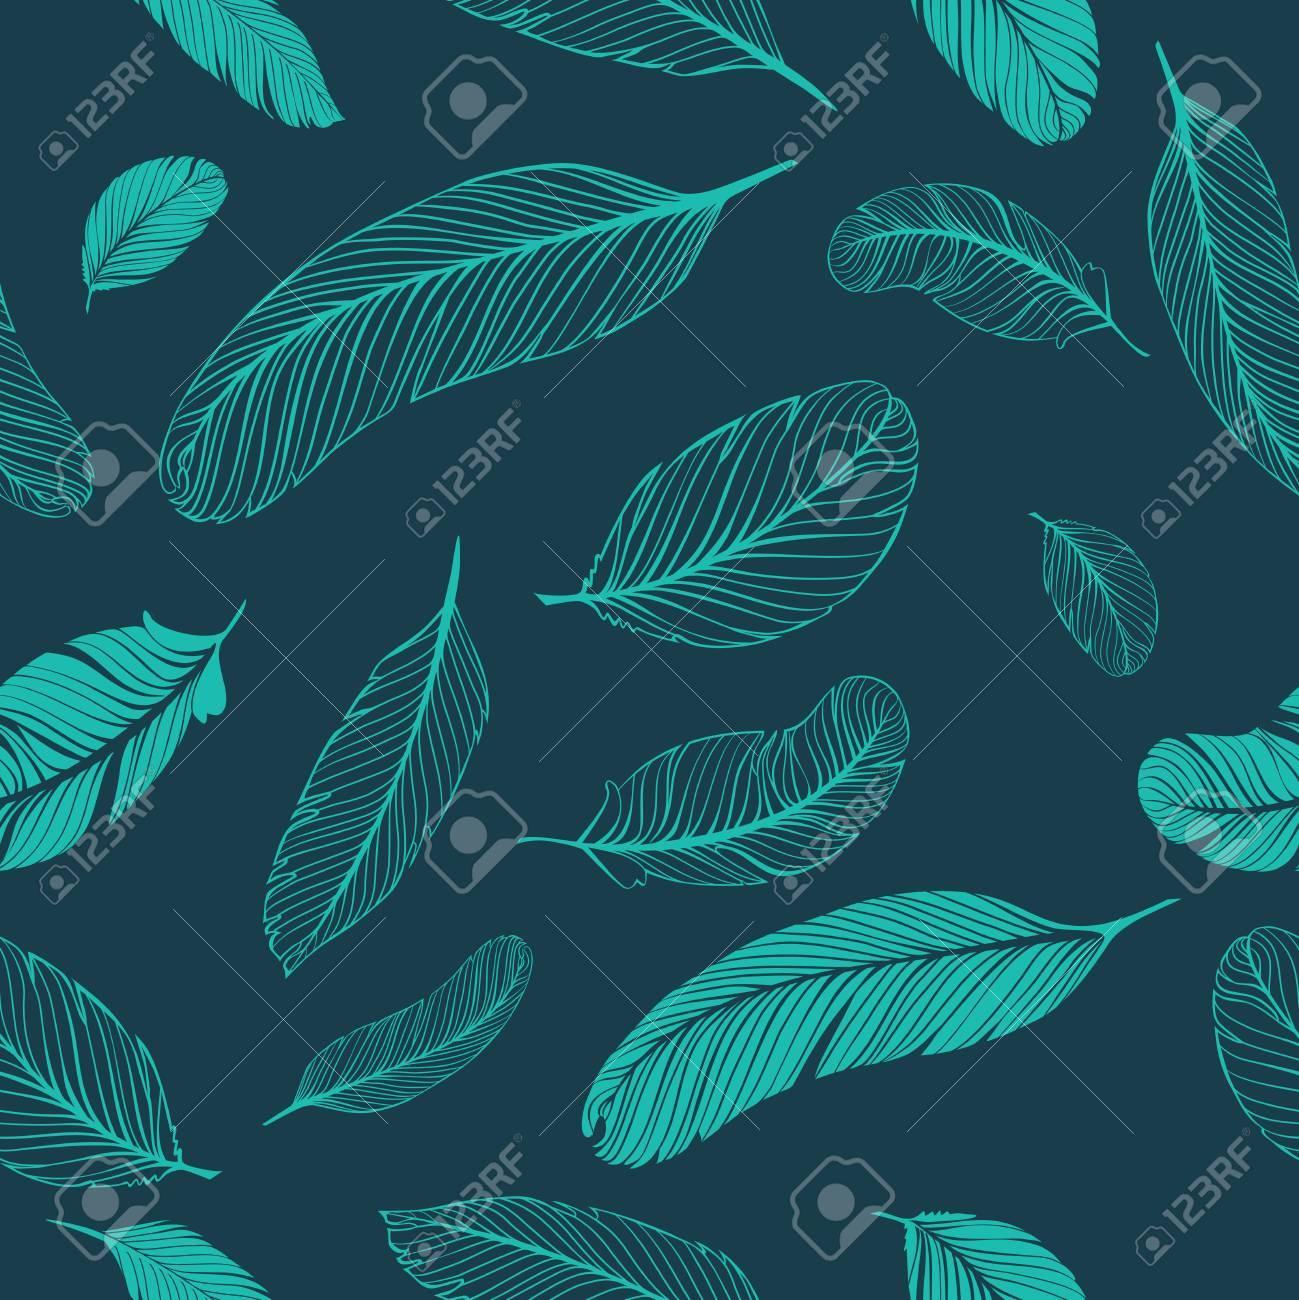 Feathers seamless pattern - 49364610